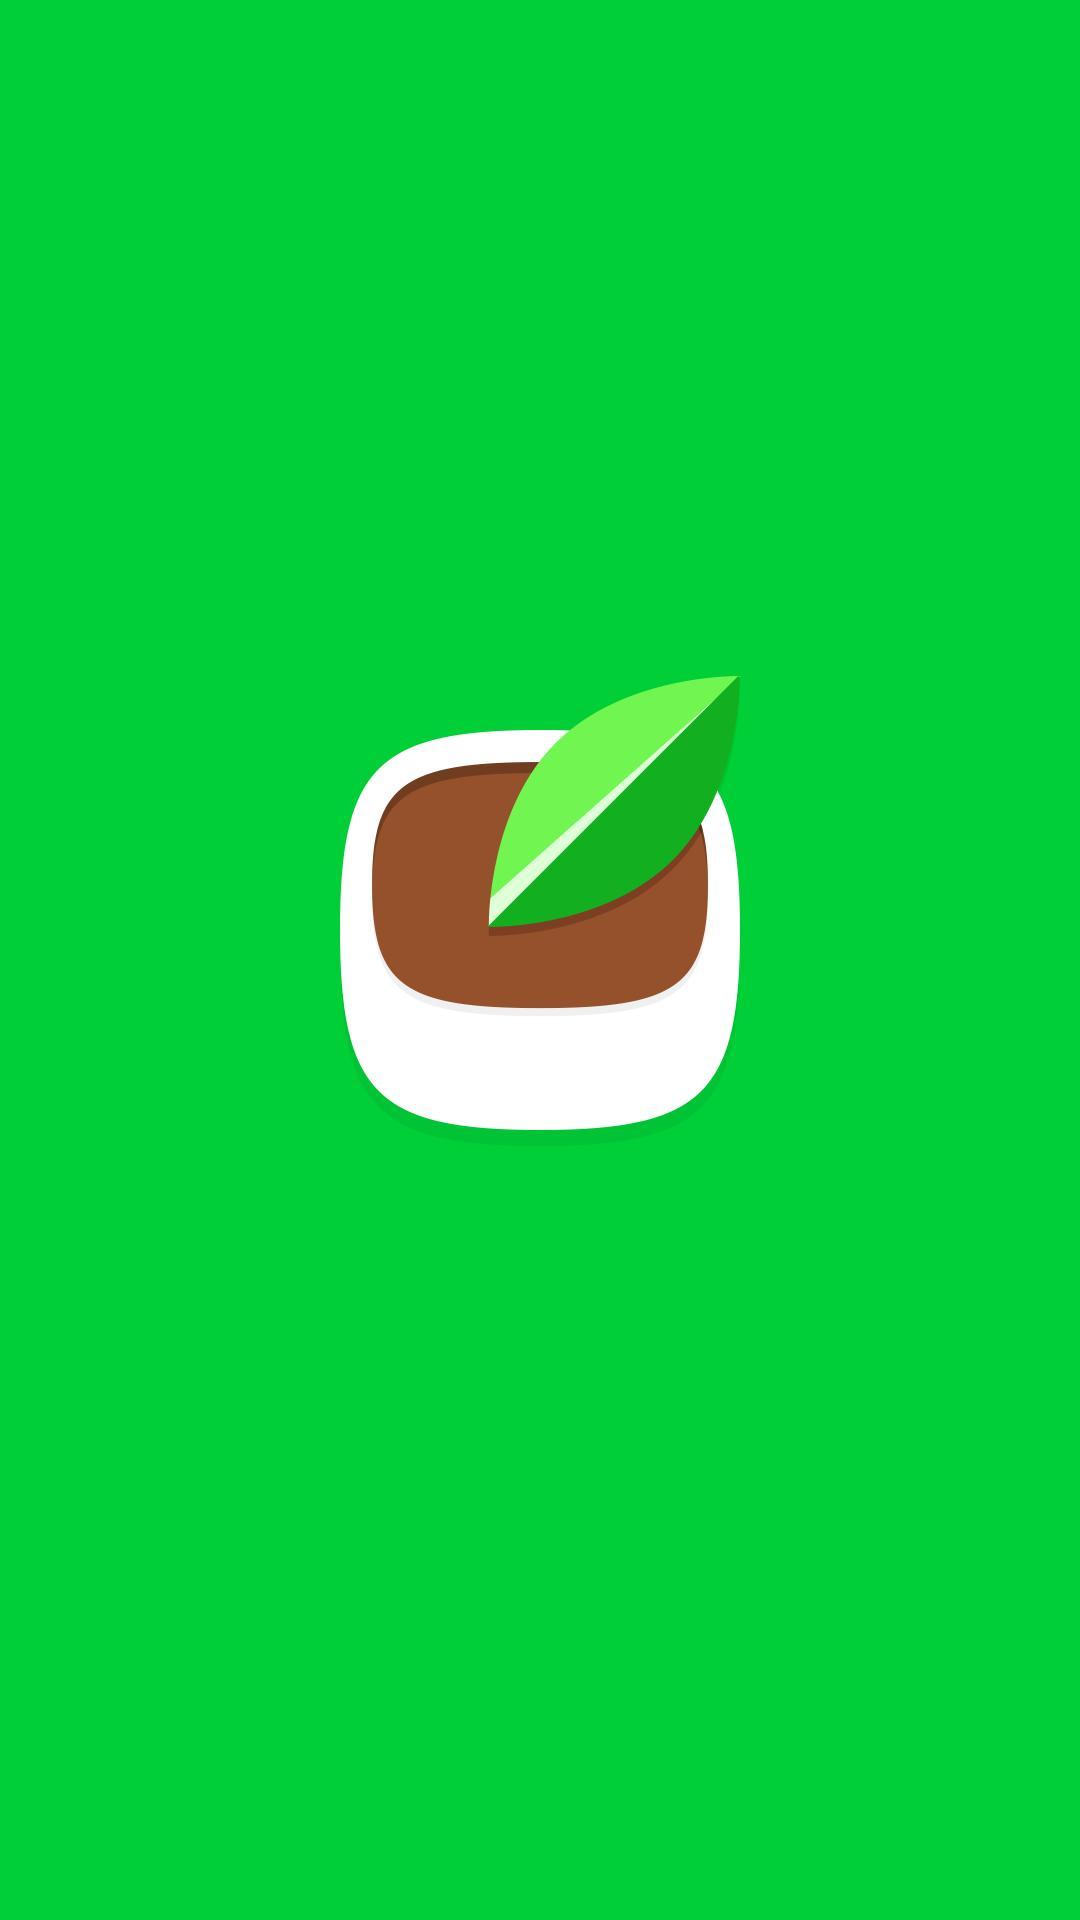 아사모 카페 바로가기 - 아이폰, 아이폰8 /8+ , 아이폰X, 아이패드, 애플워치3 poster